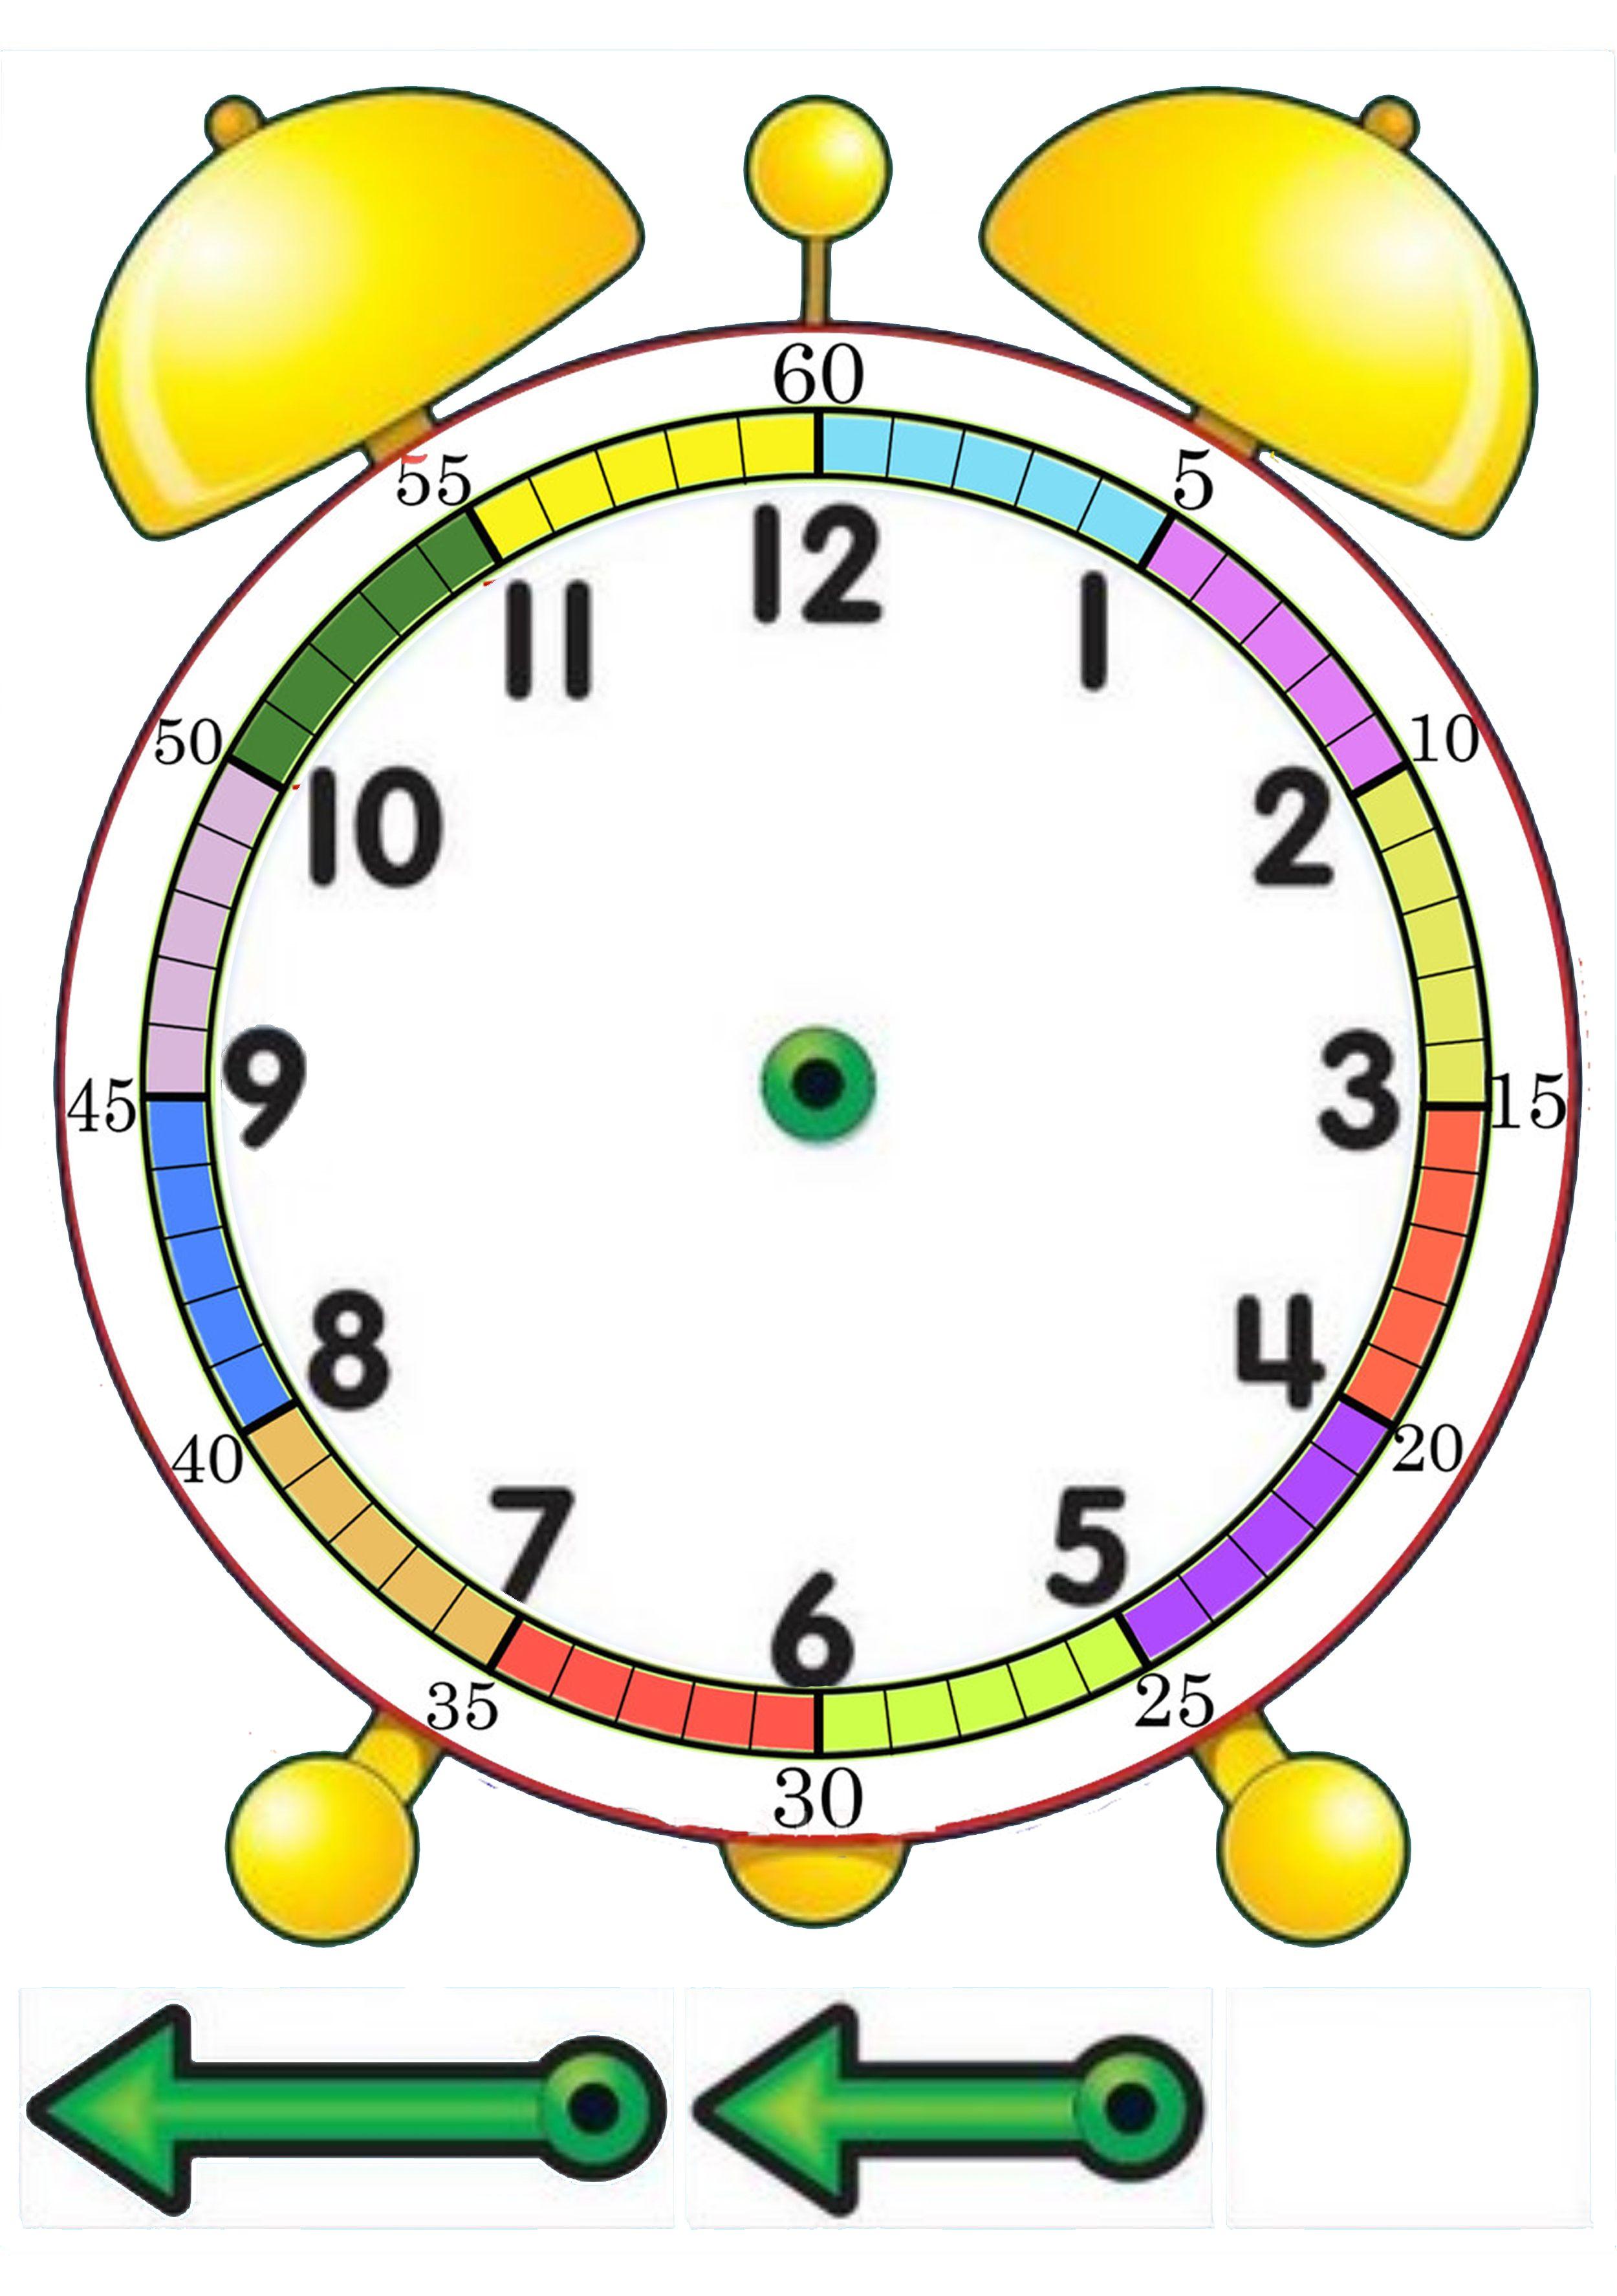 Monta Tu Reloj Hojita Simple Para Que Los Nios Practiquen El Relojsi